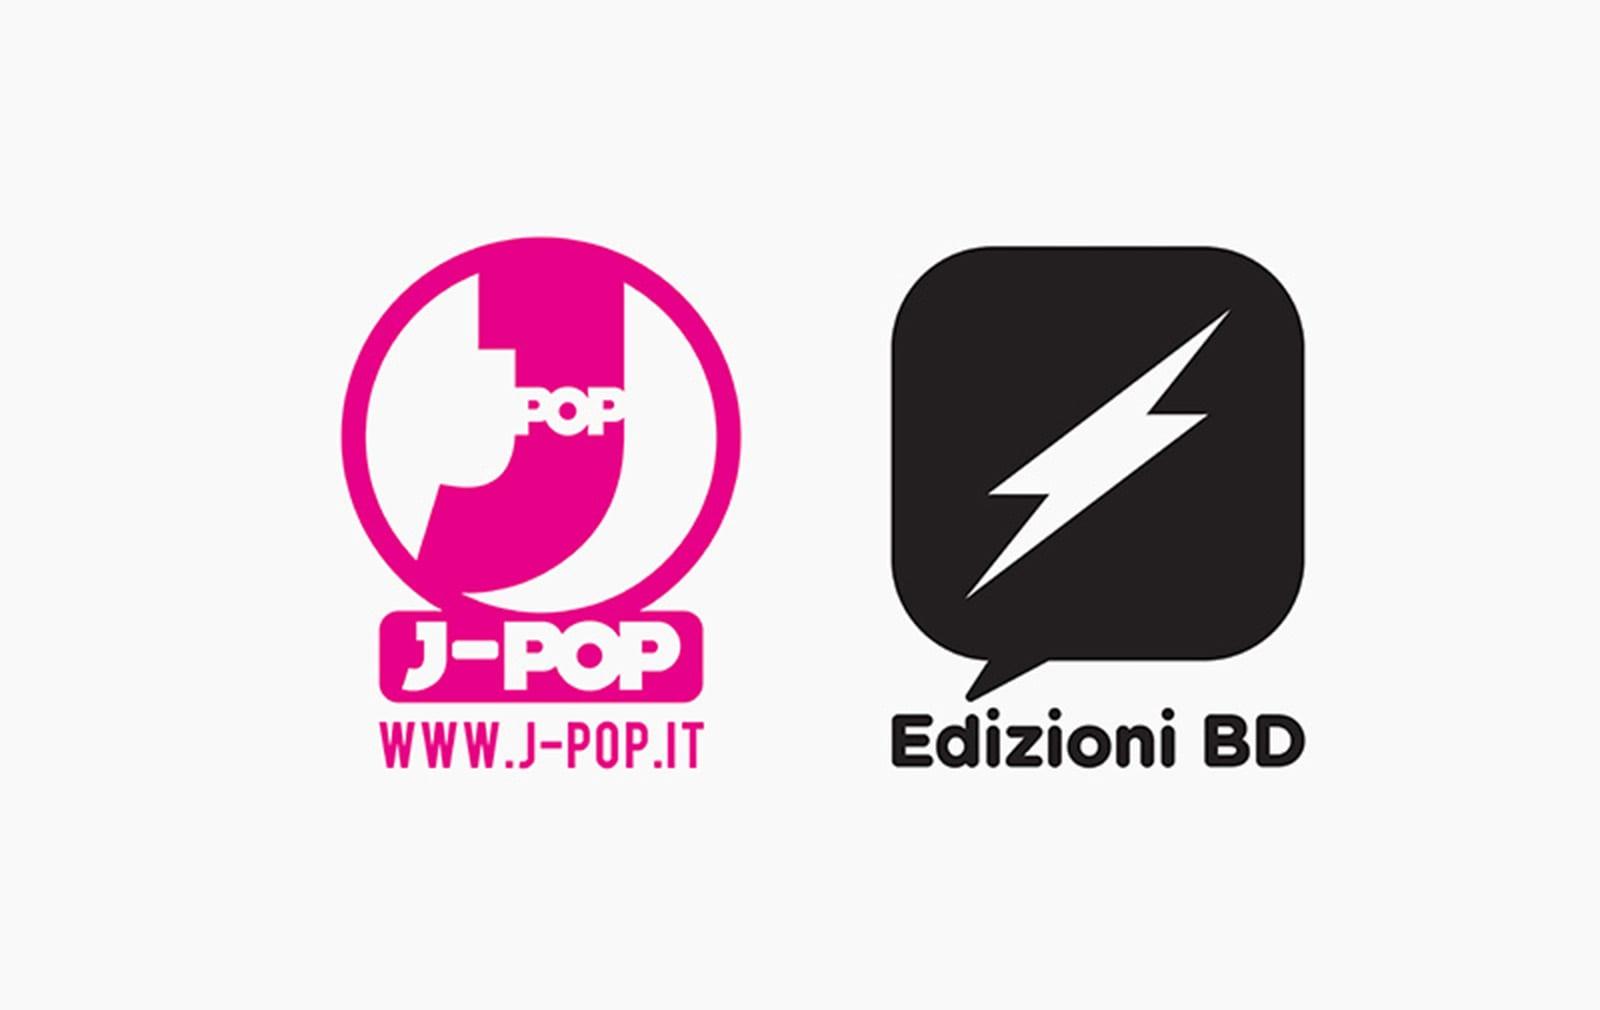 Edizioni BD J-POP